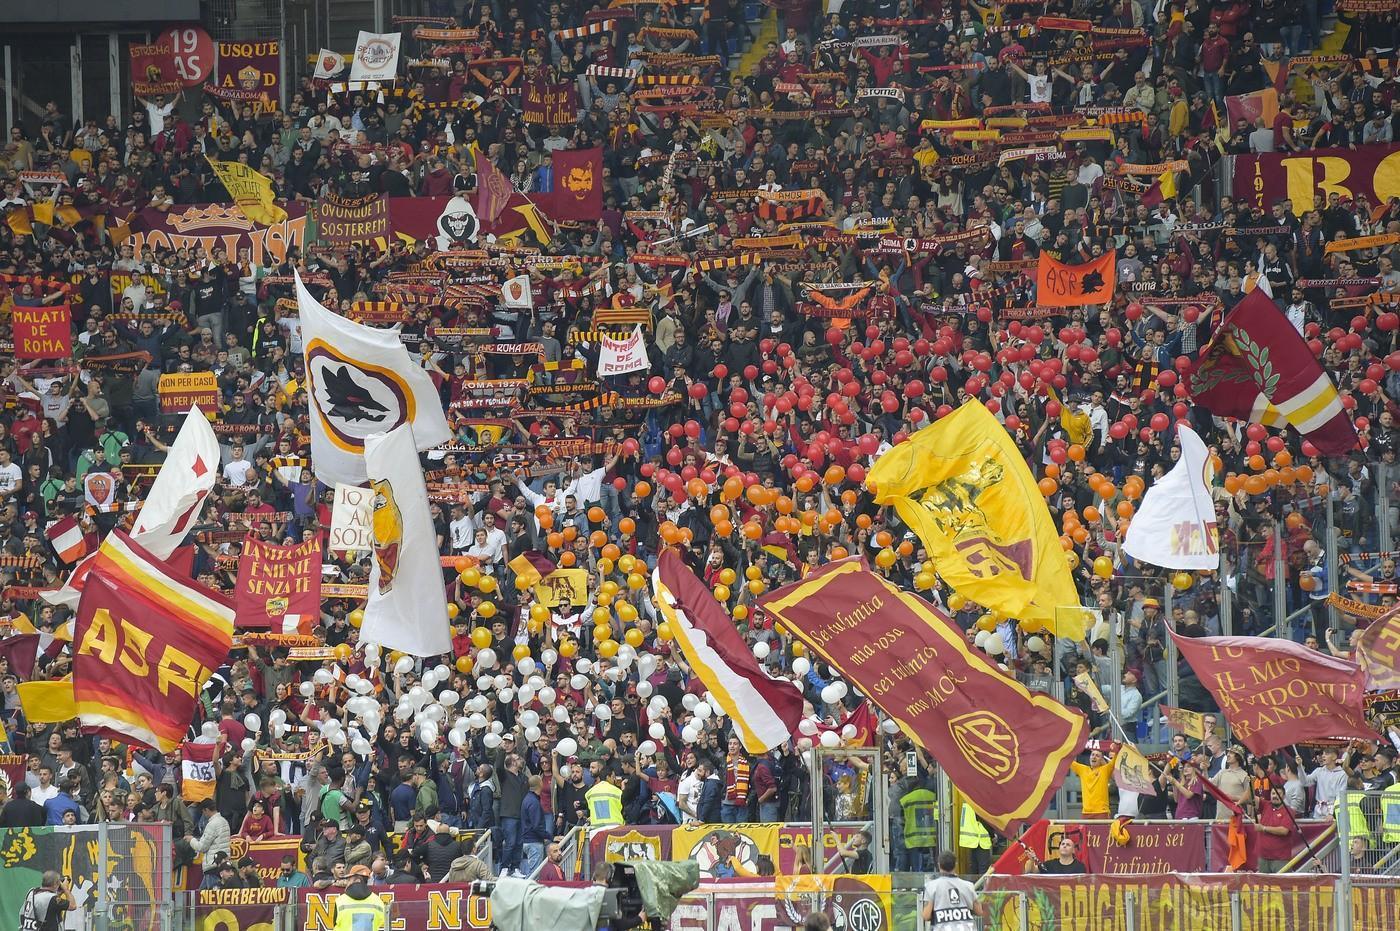 Roma-Brescia, all'Olimpico in 30mila. Al via la vendita libera per Istanbul - Il Romanista